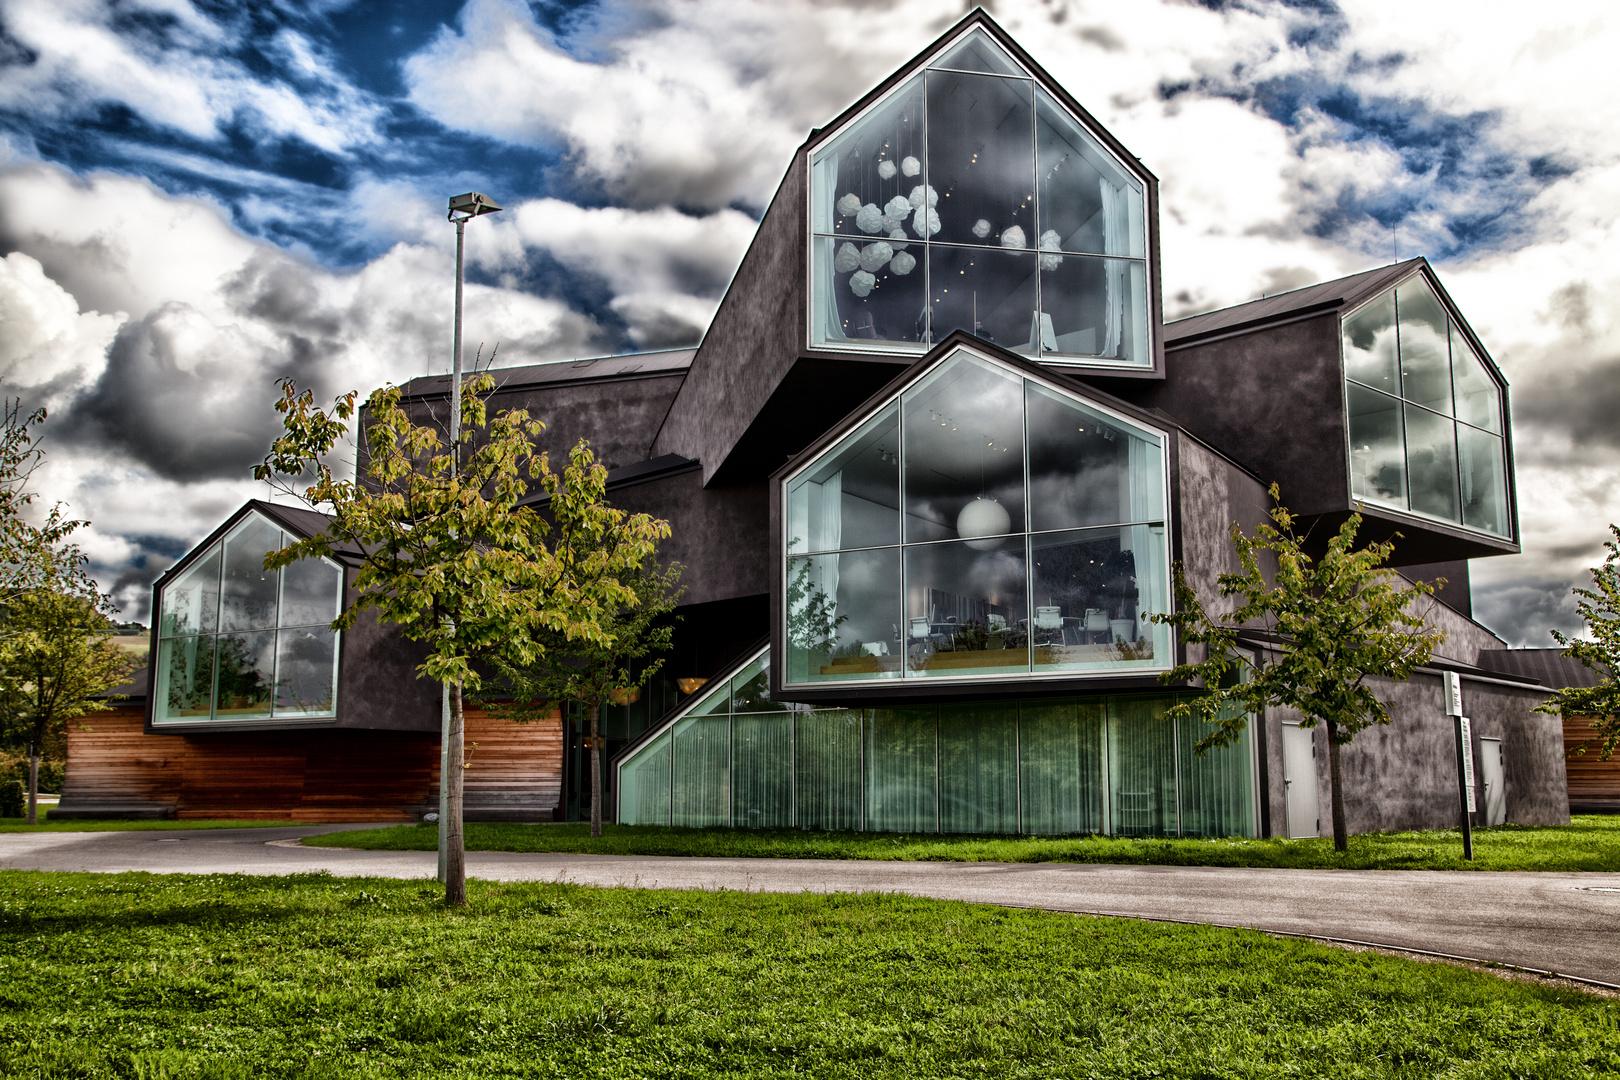 Vitra design museum foto bild world europe kt basel for Vitra museum basel